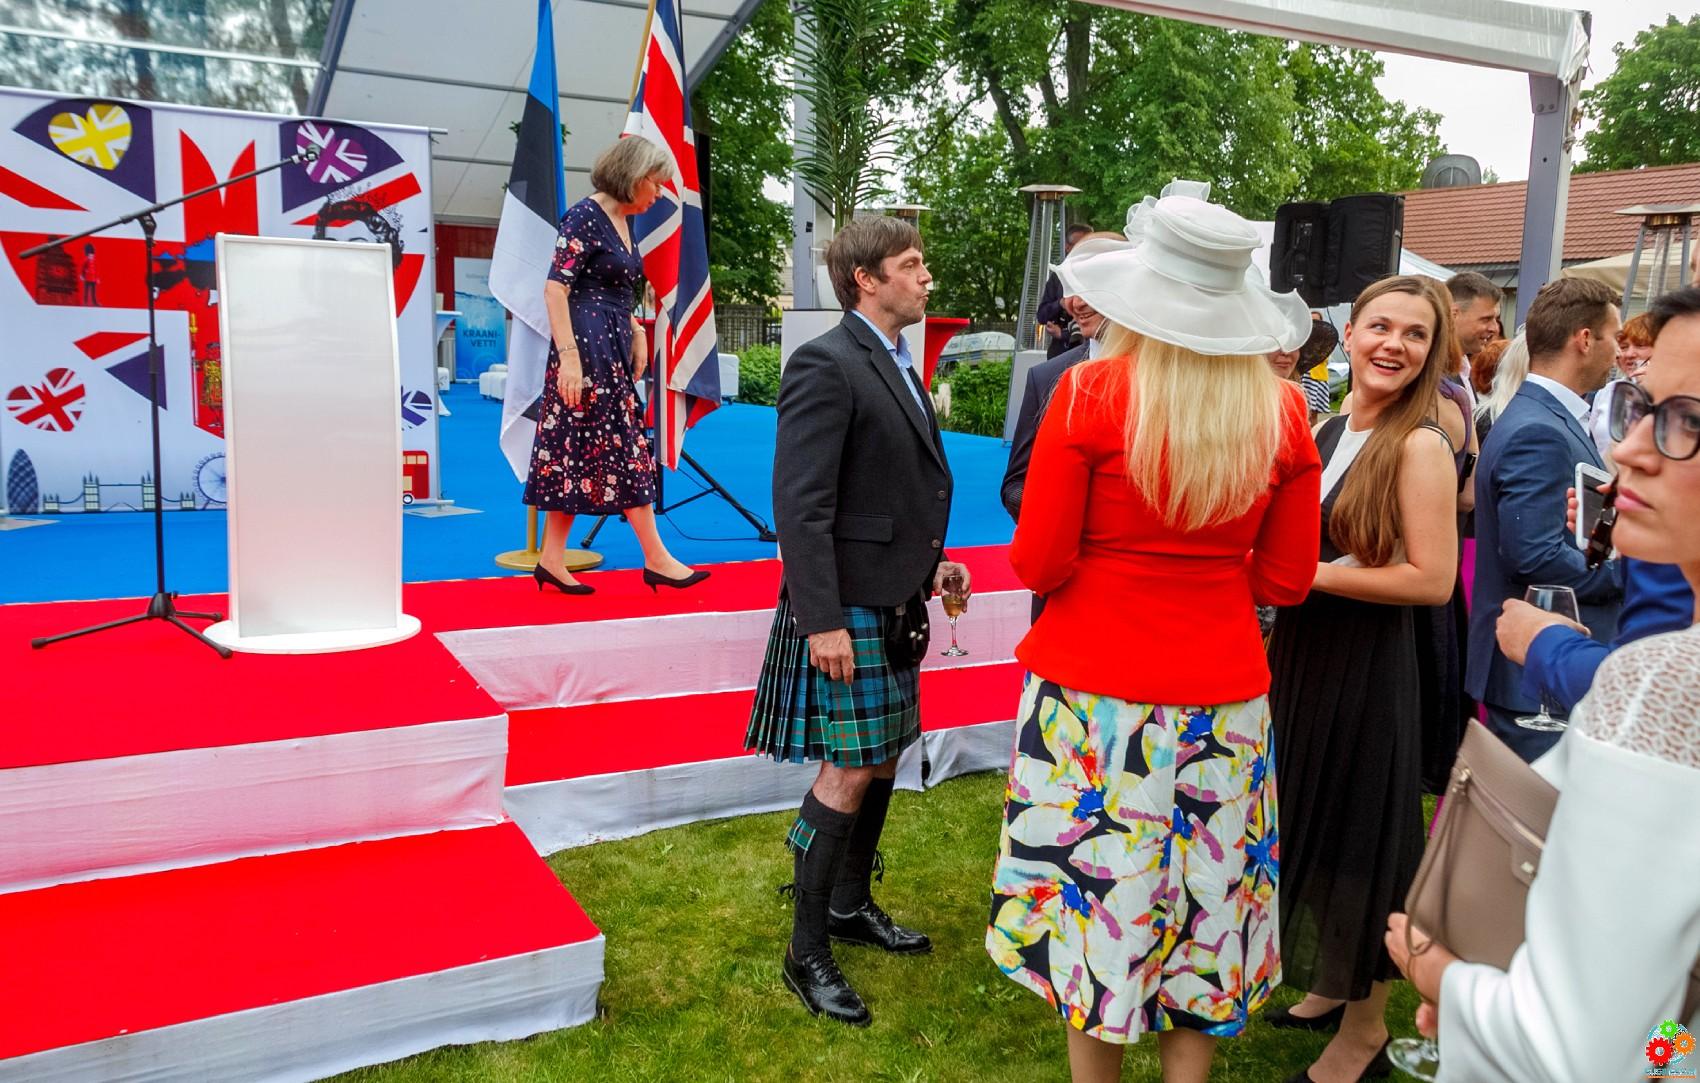 День рождения британской королевы: Таллинн, прием, знаменитости, шляпки и шотландские килты